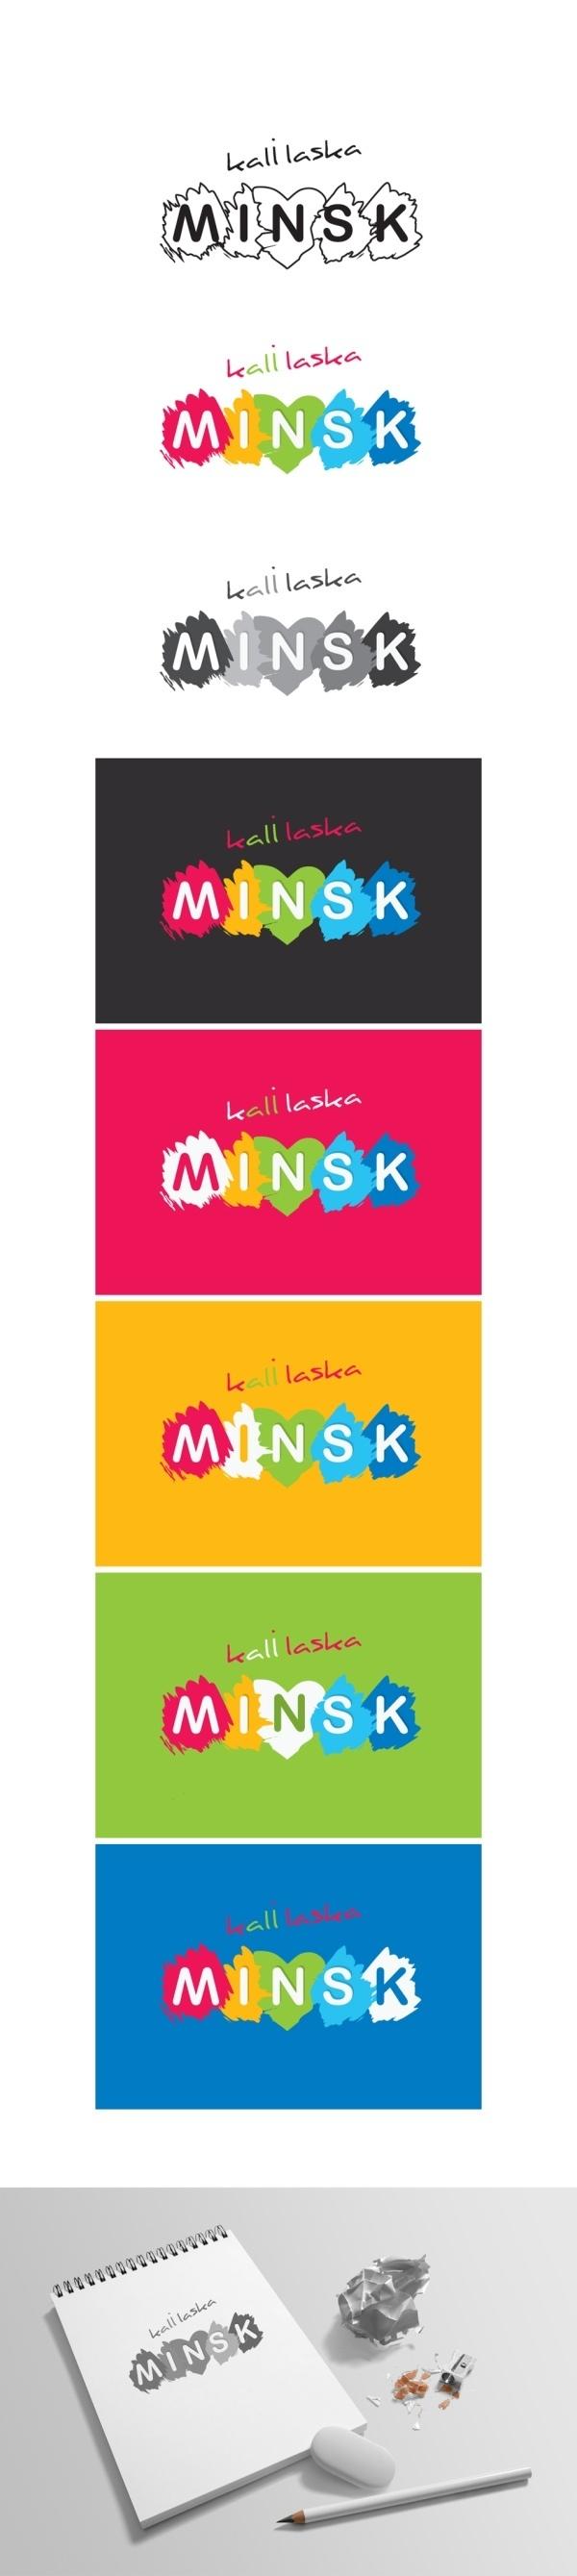 восток логотип: